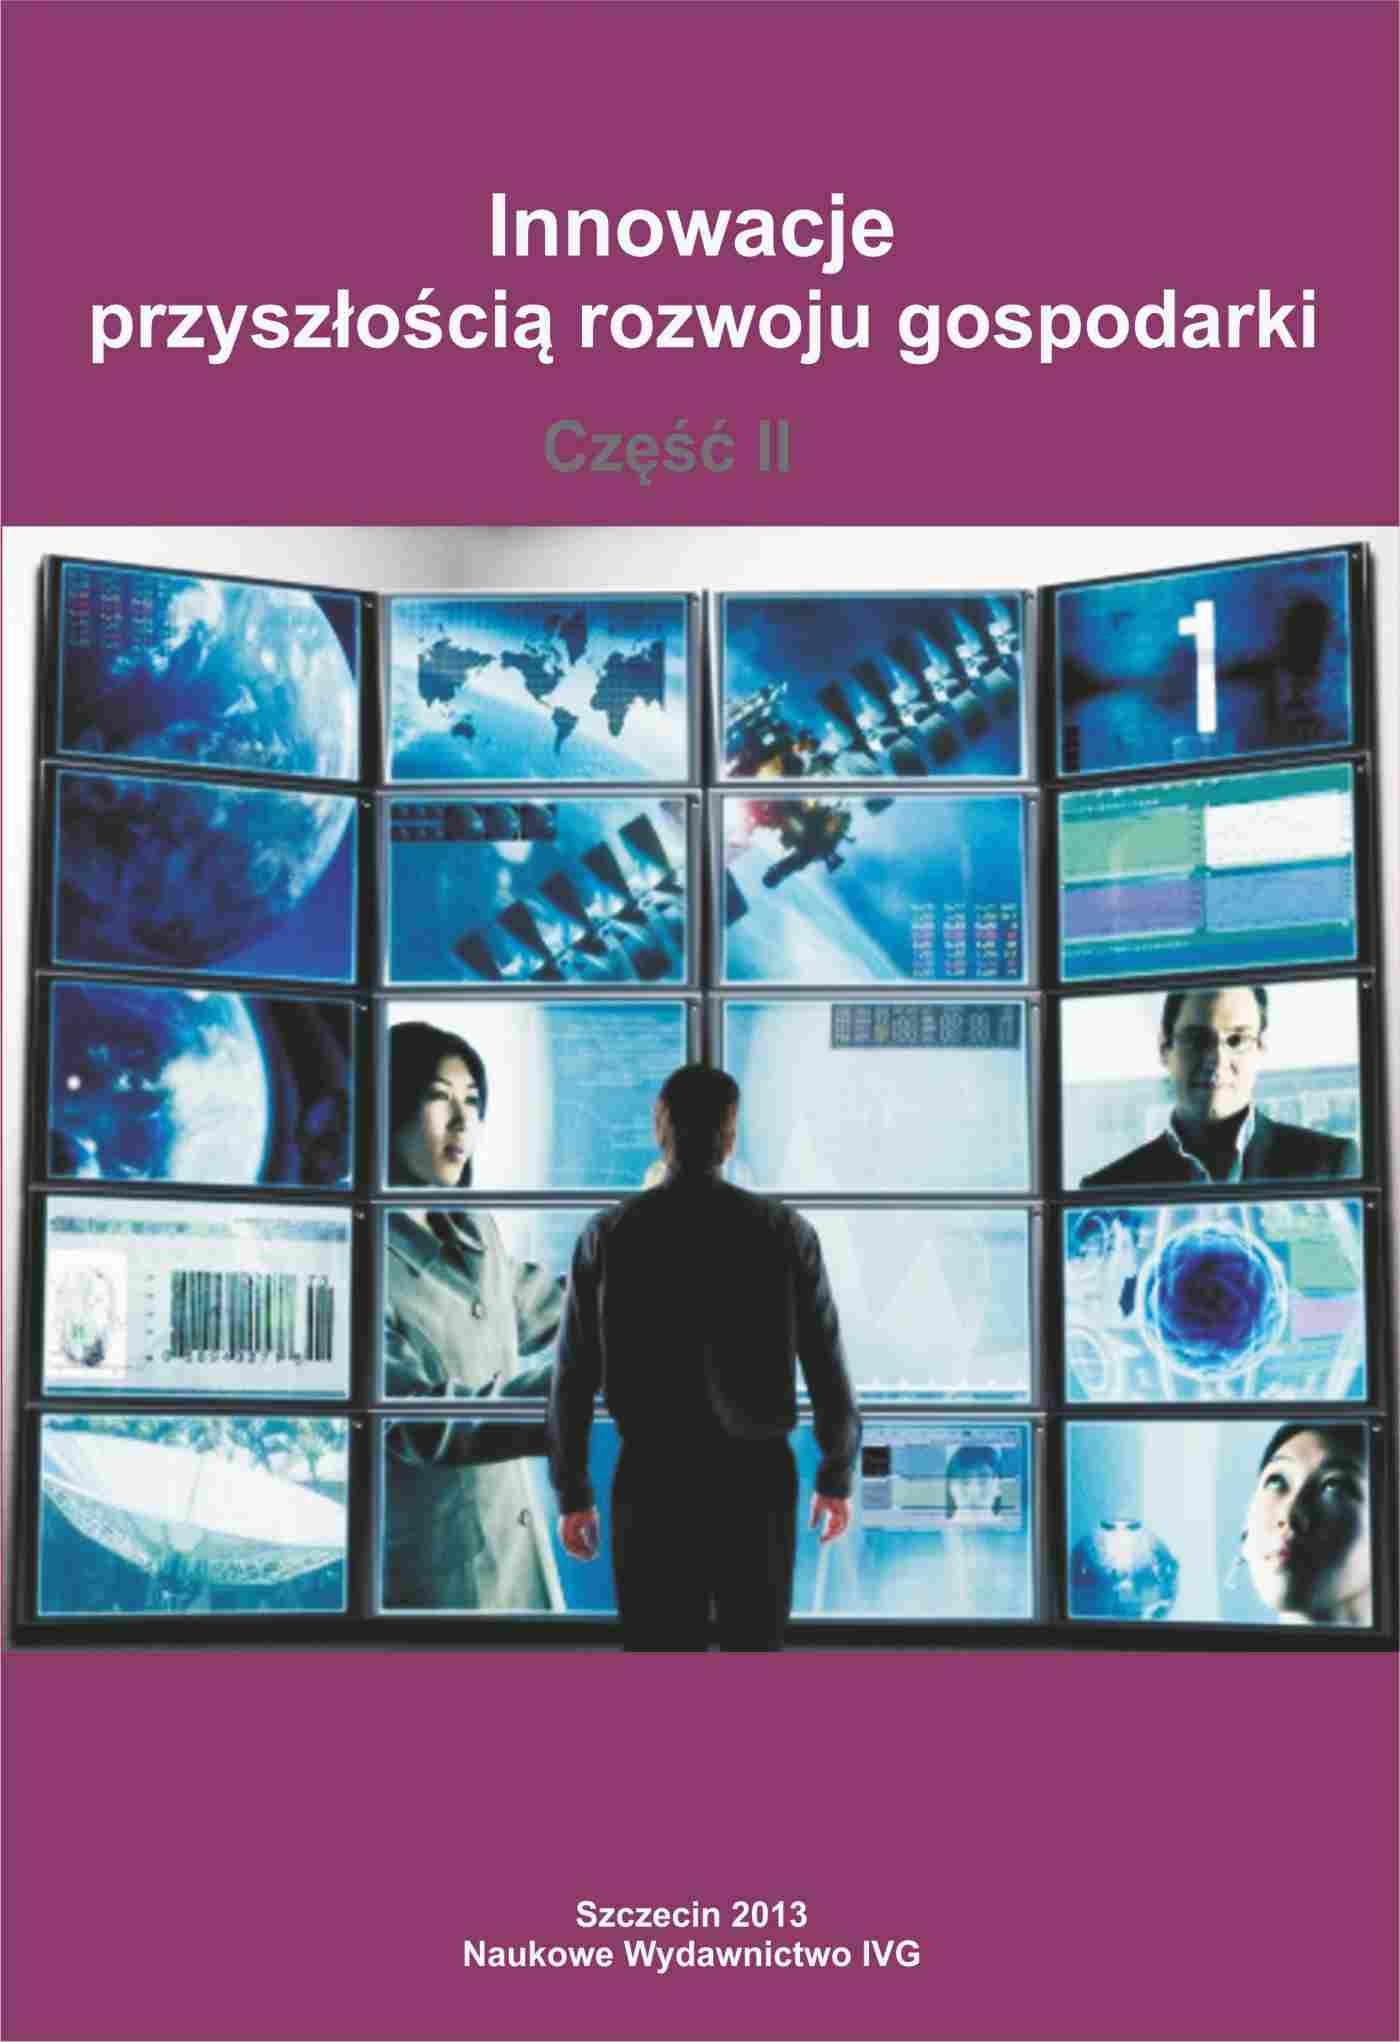 Innowacje przyszłością rozwoju gospodarki. Część II - Ebook (Książka PDF) do pobrania w formacie PDF